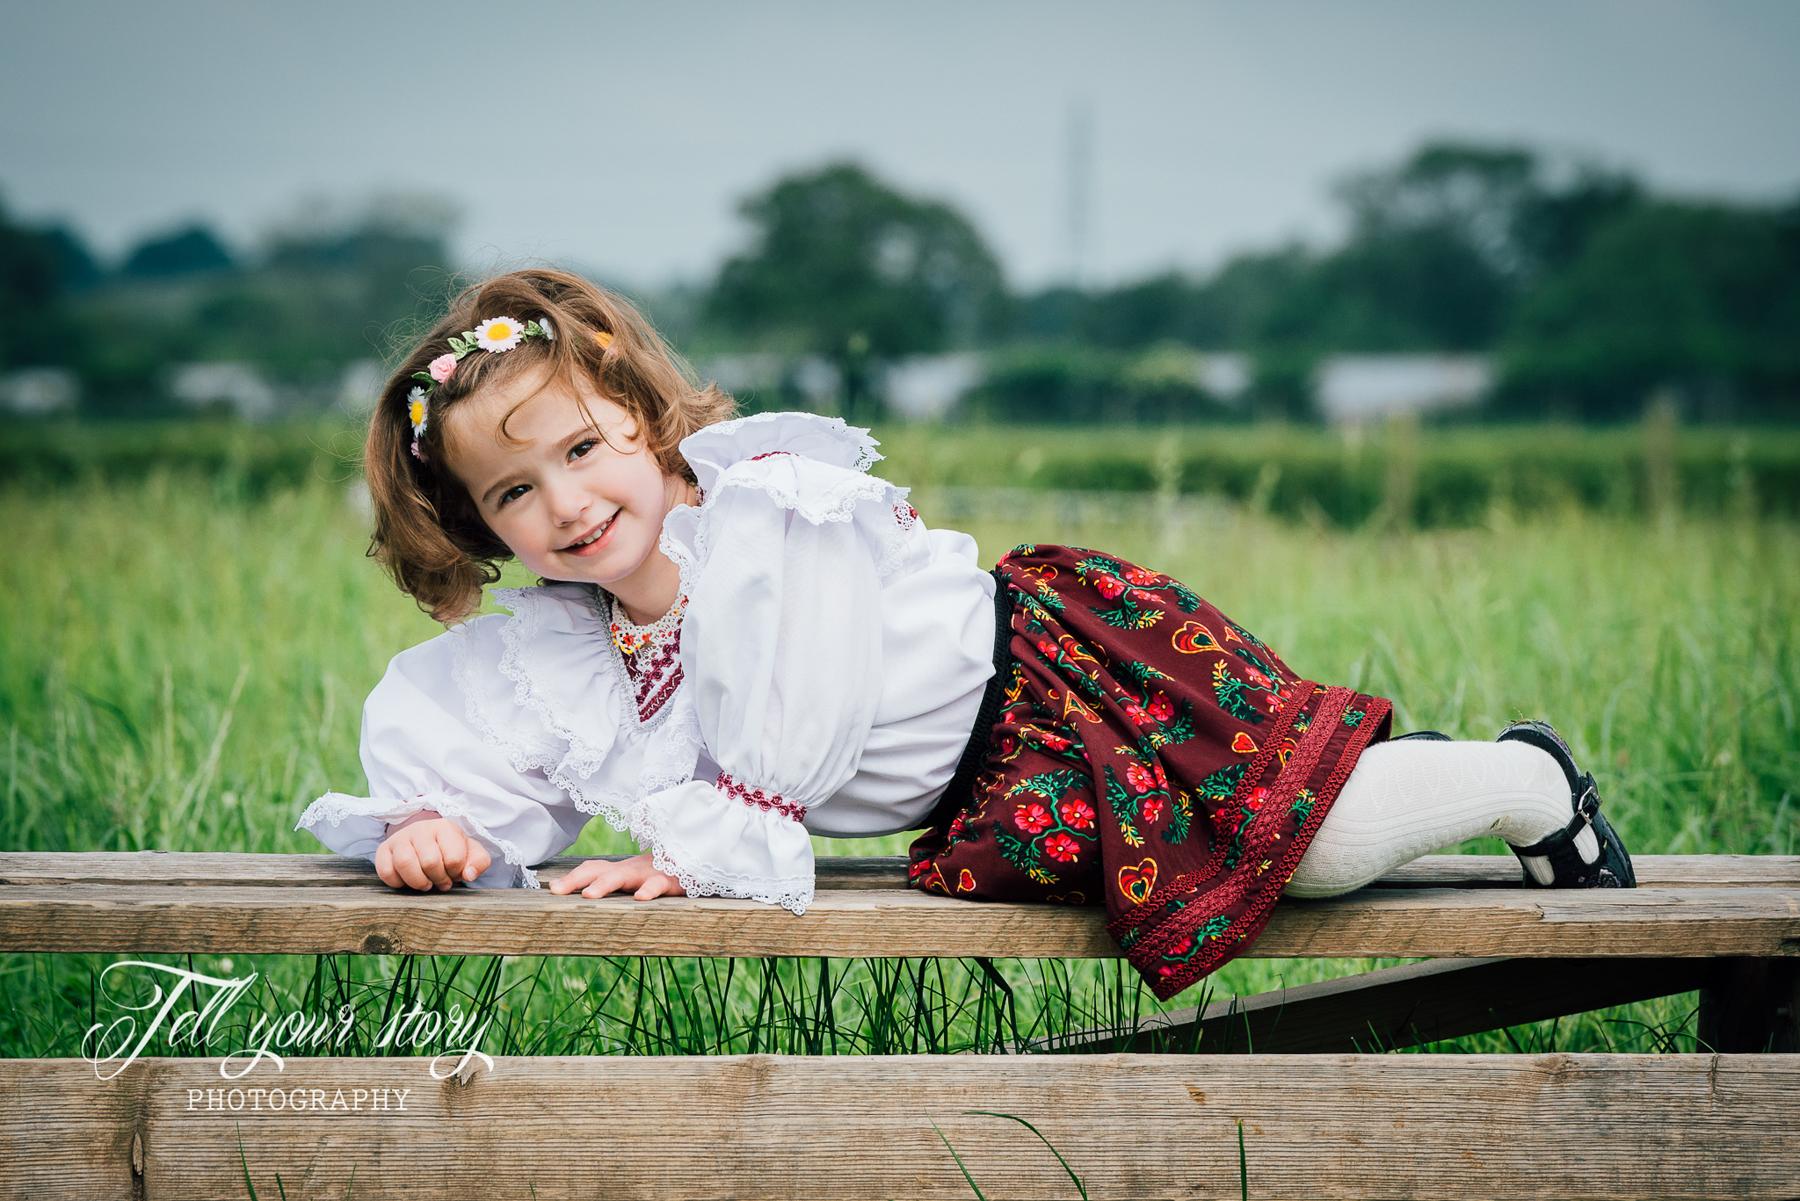 Portrait-Photography-Poole-Dorset-Farmer-Palmers-1-9